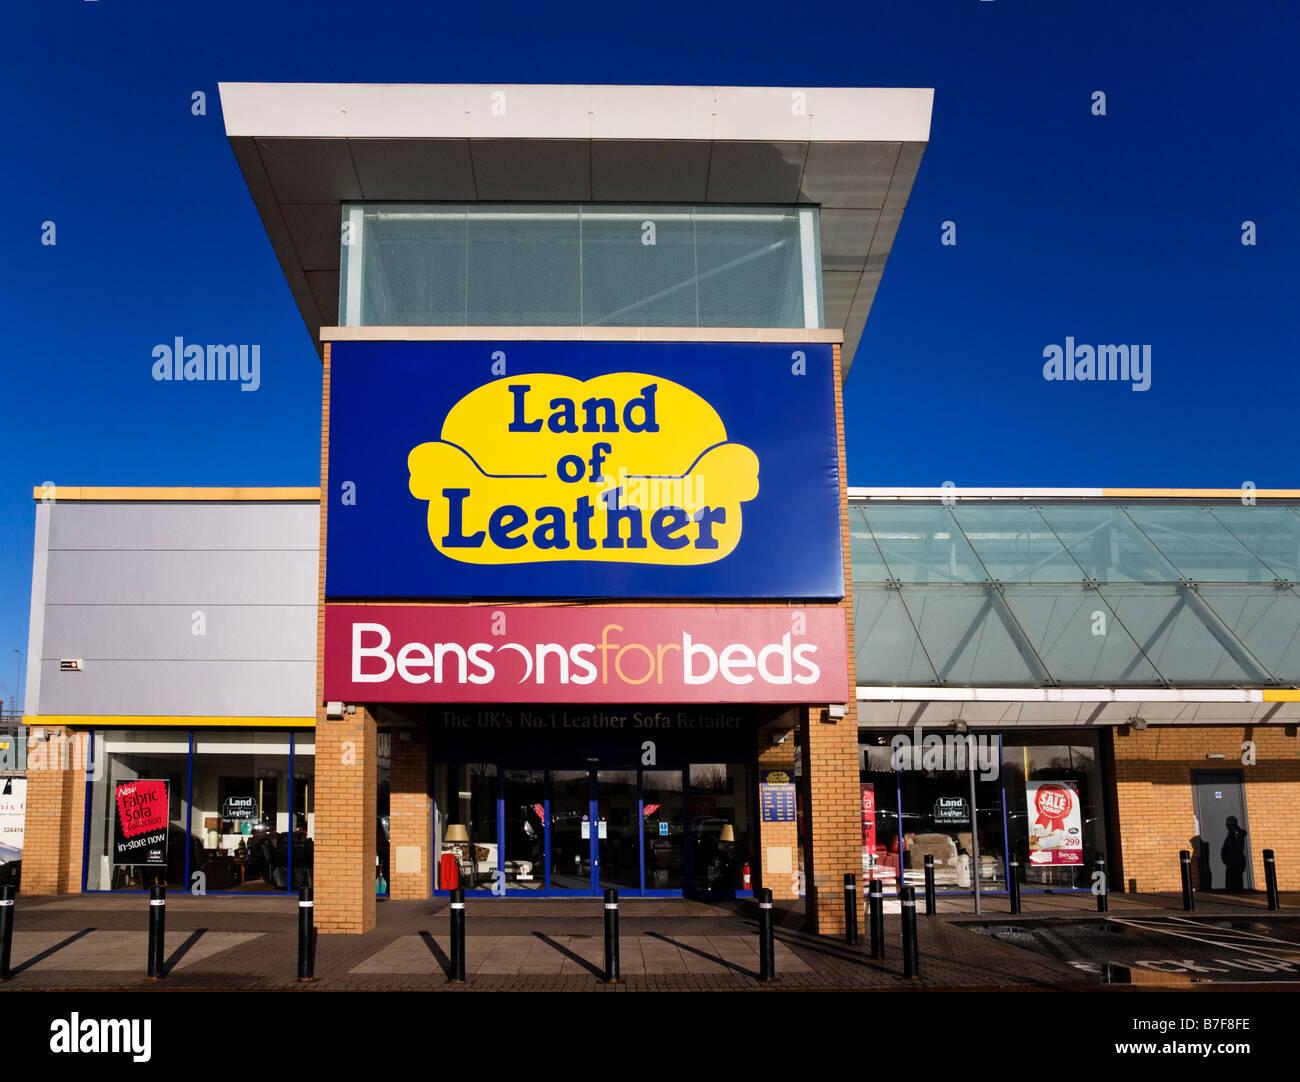 Terra di cuoio e della Bensons per letti furniture store a Abbotsinch Retail Park, Paisley, Scozia. Immagini Stock